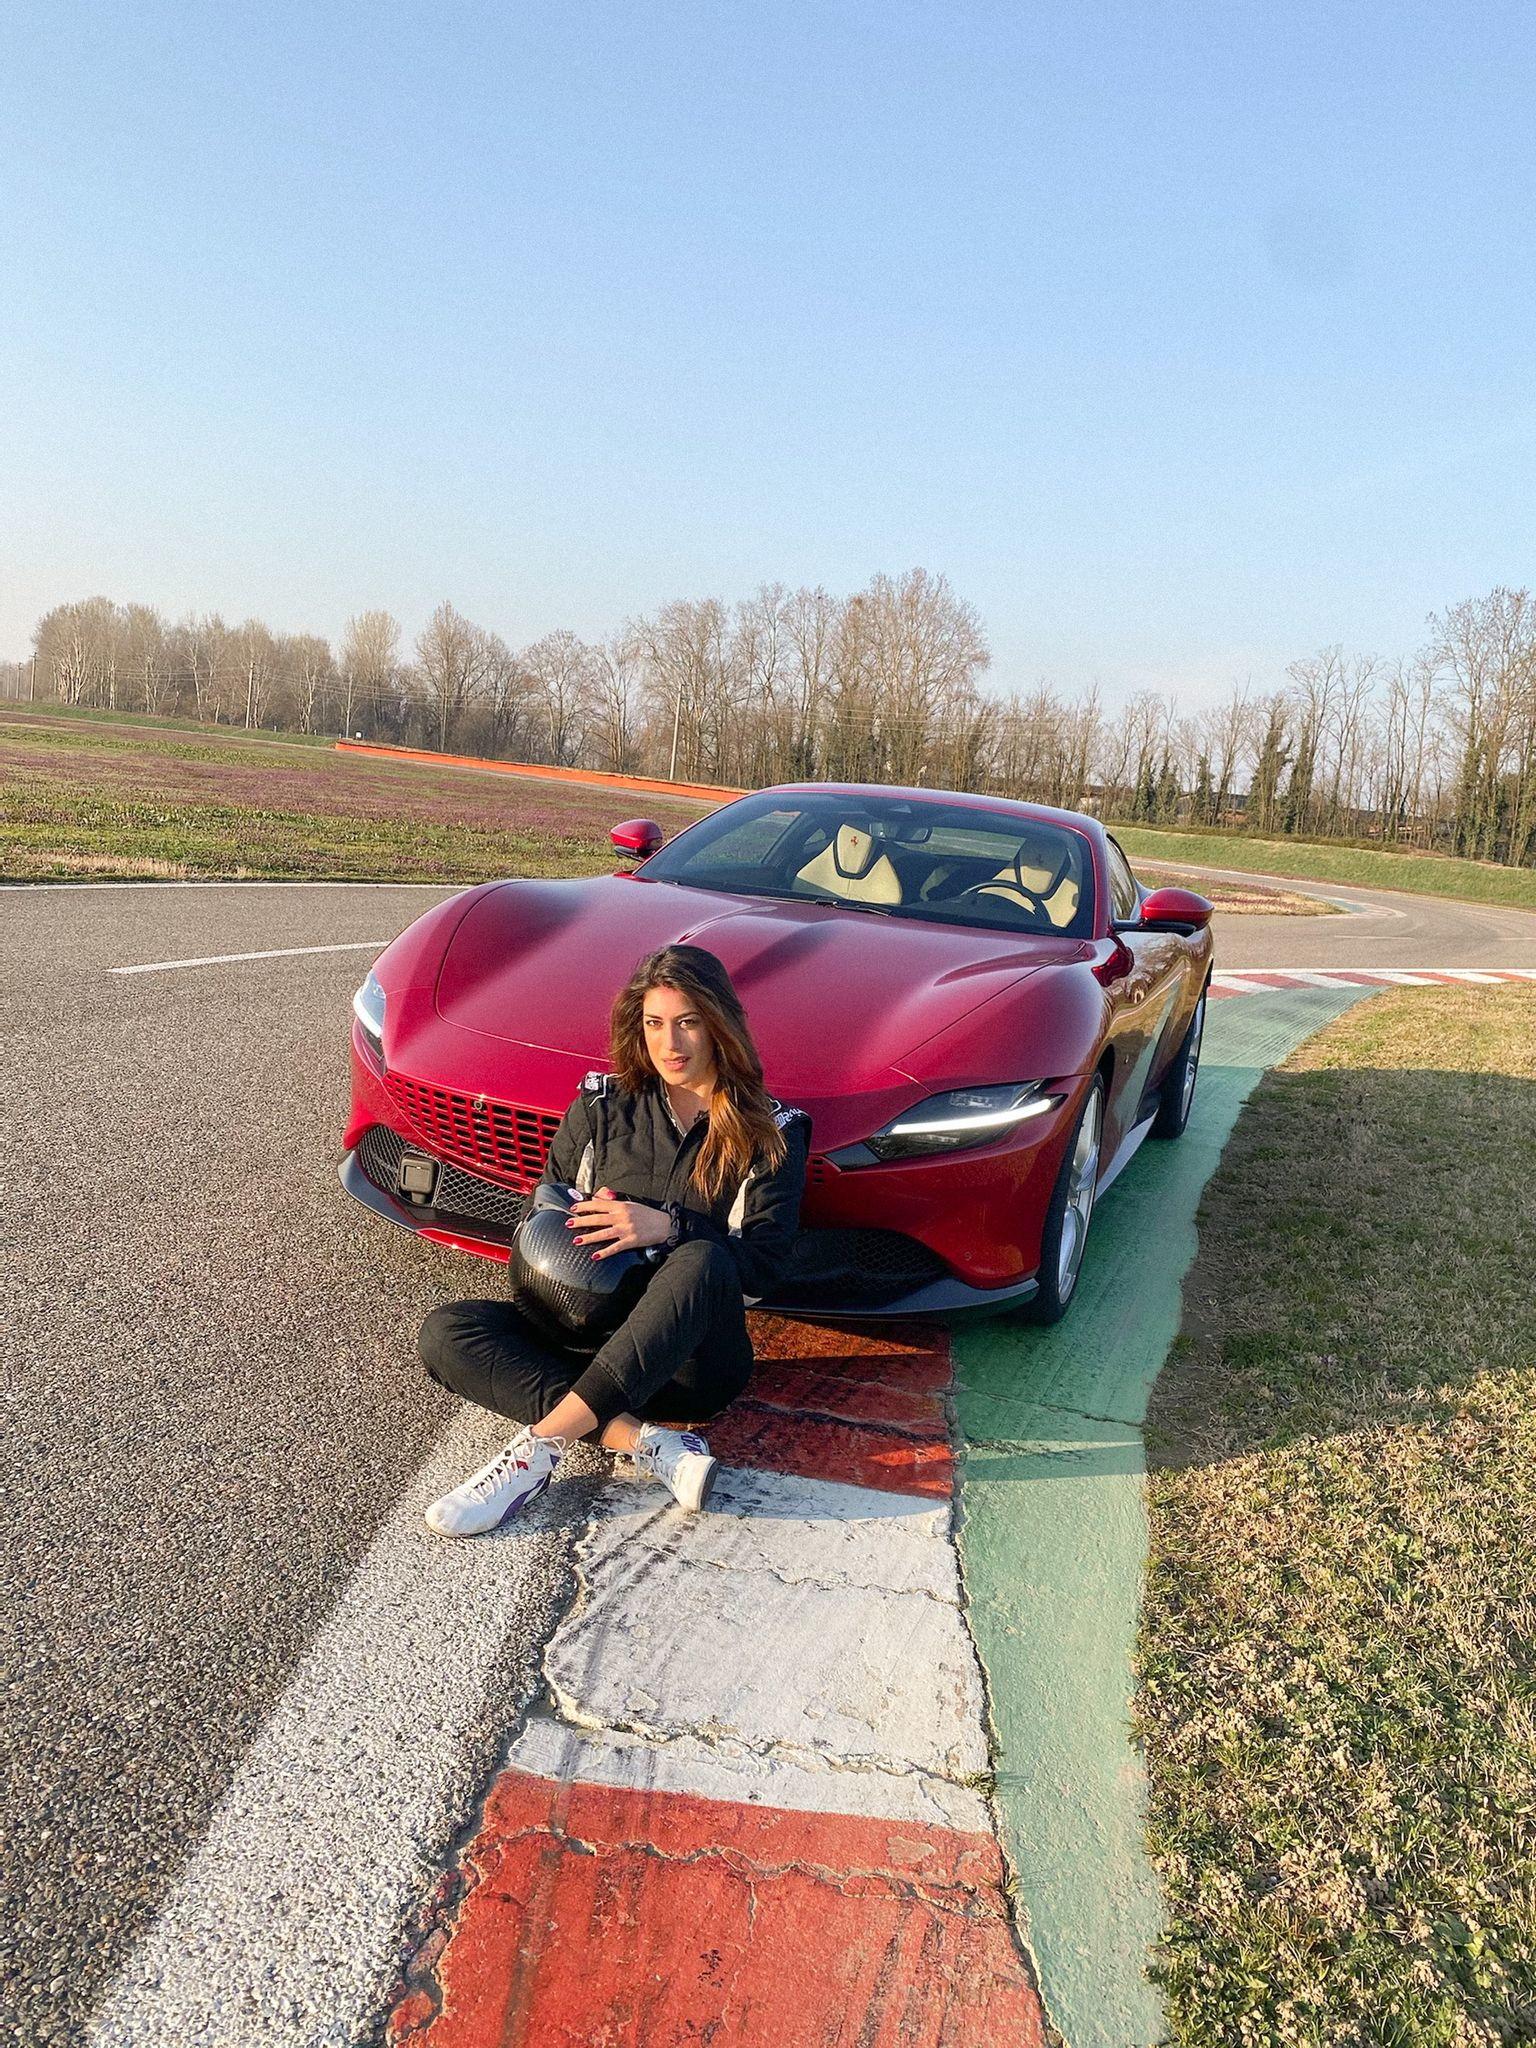 Dalla pista di decollo alla pista di Vairano: Vicky Piria ha messo alla frusta la Ferrari Roma sui cordoli del tracciato di Quattroruote.<br /><br />